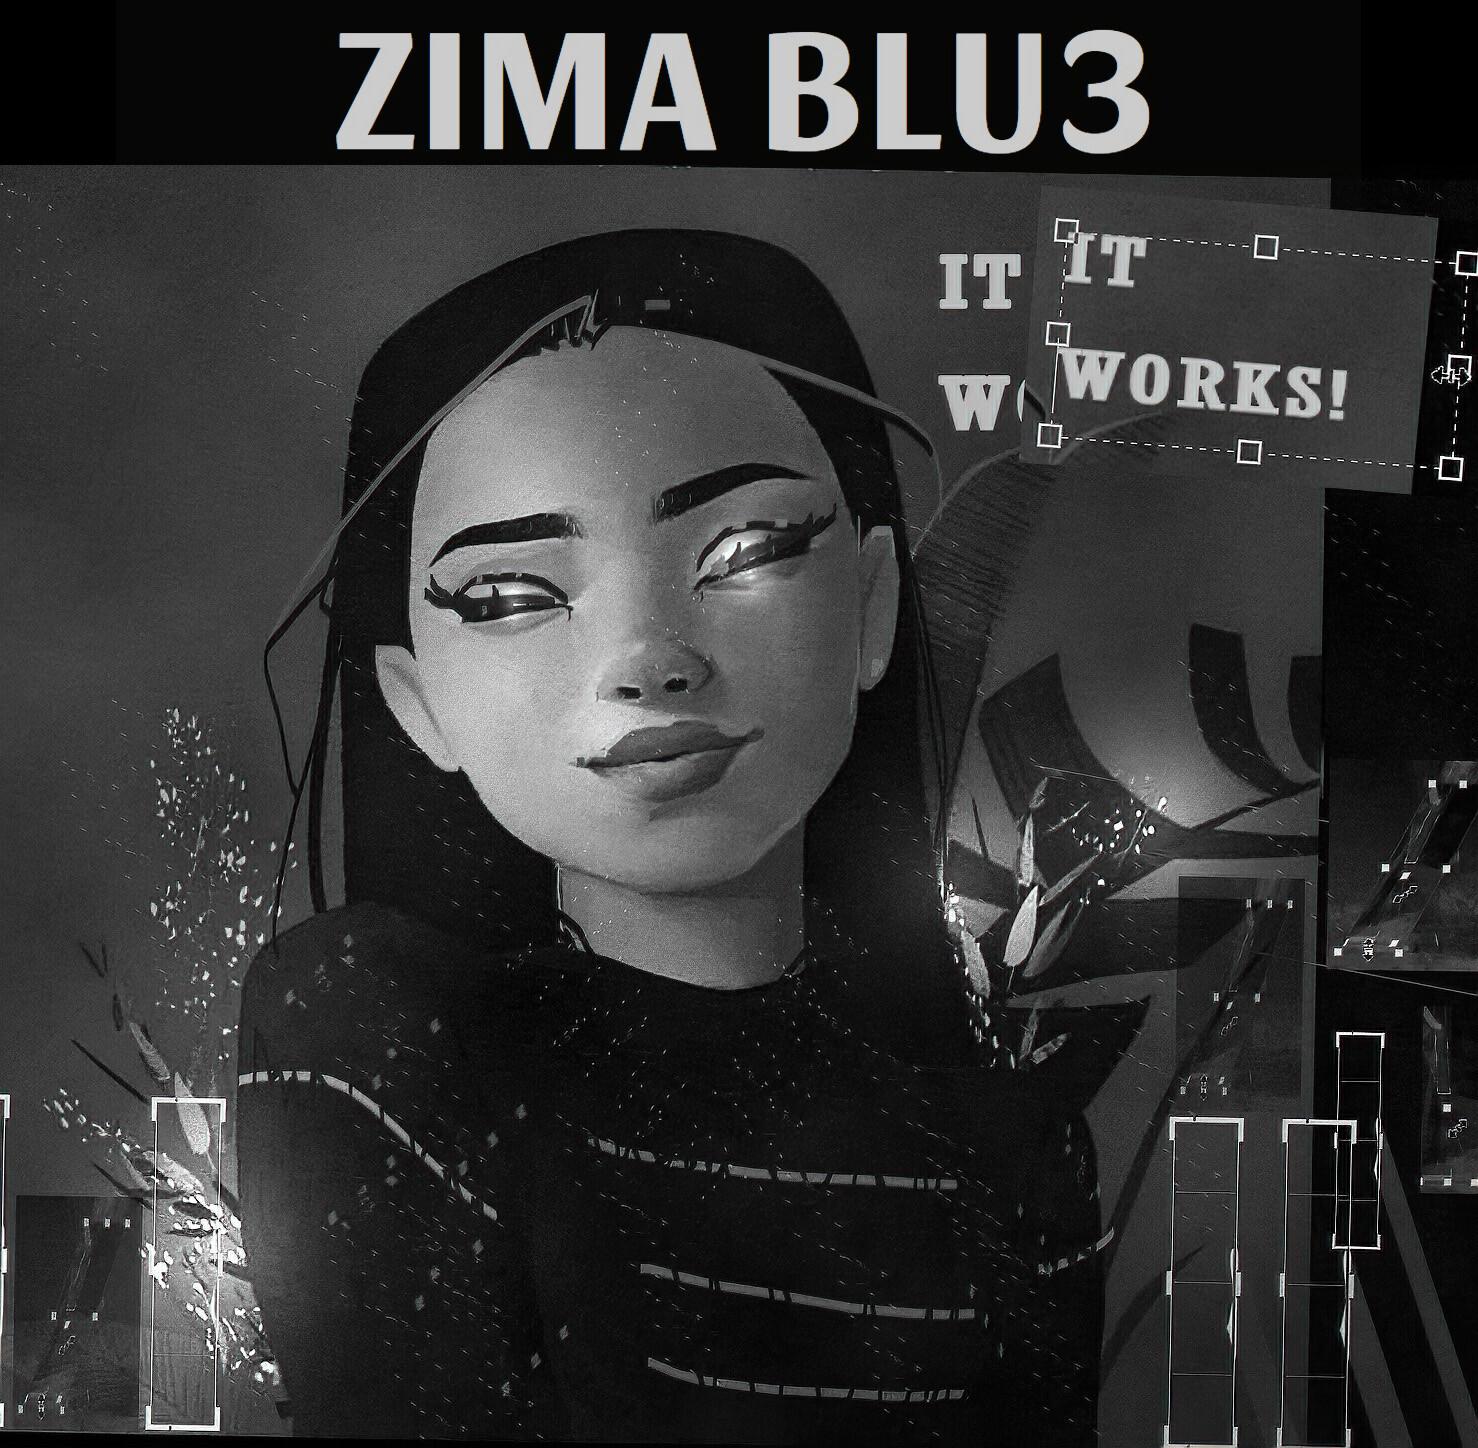 ZIMA BLU3